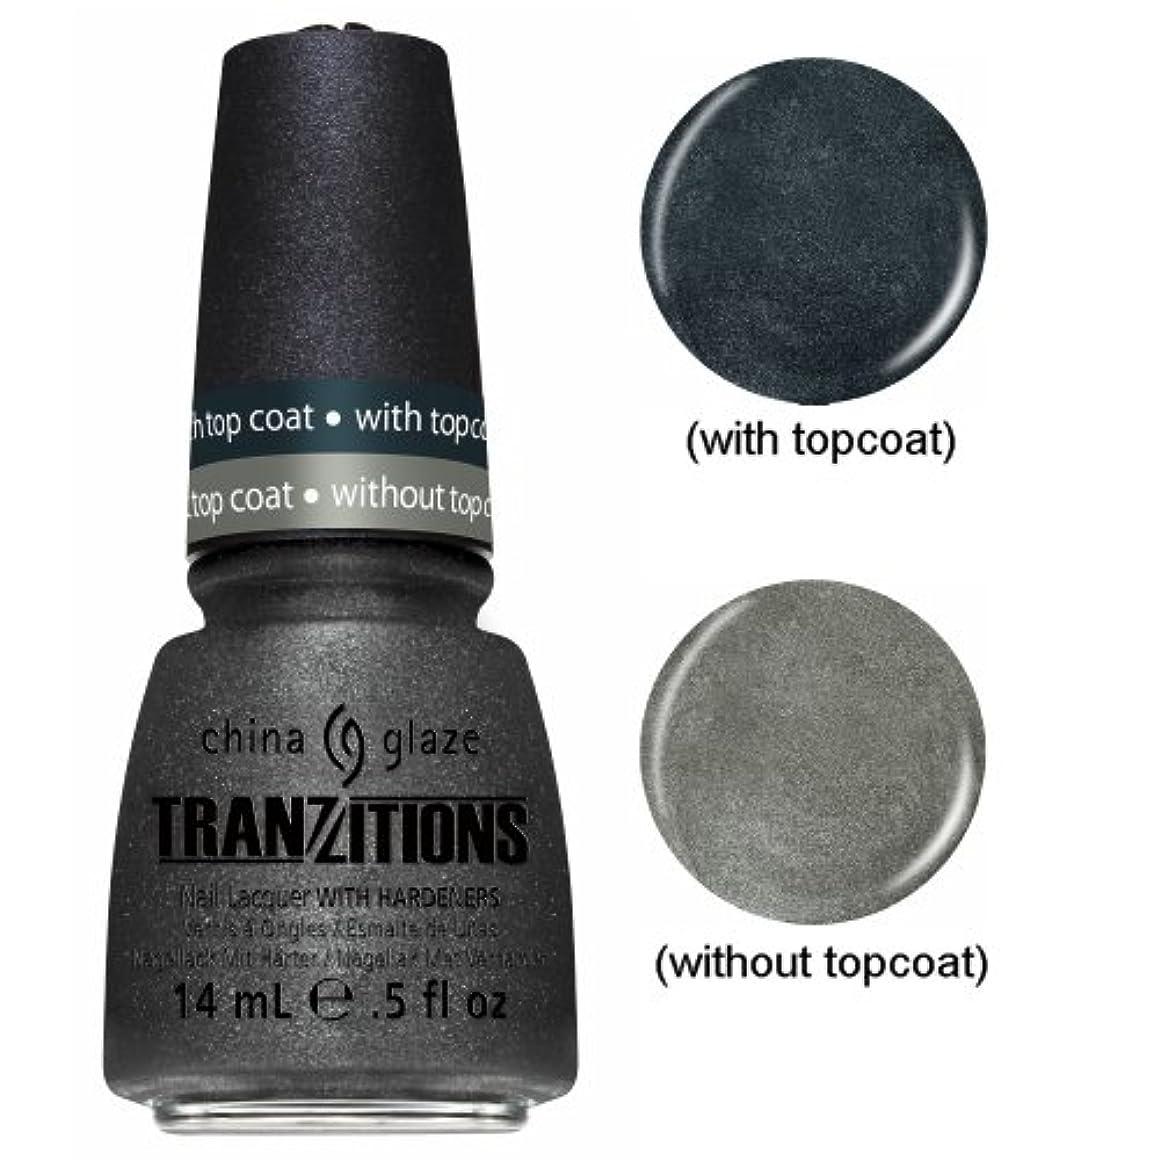 区別する識別する悲惨な(3 Pack) CHINA GLAZE Nail Lacquer - Tranzitions - Metallic Metamorphosis (並行輸入品)